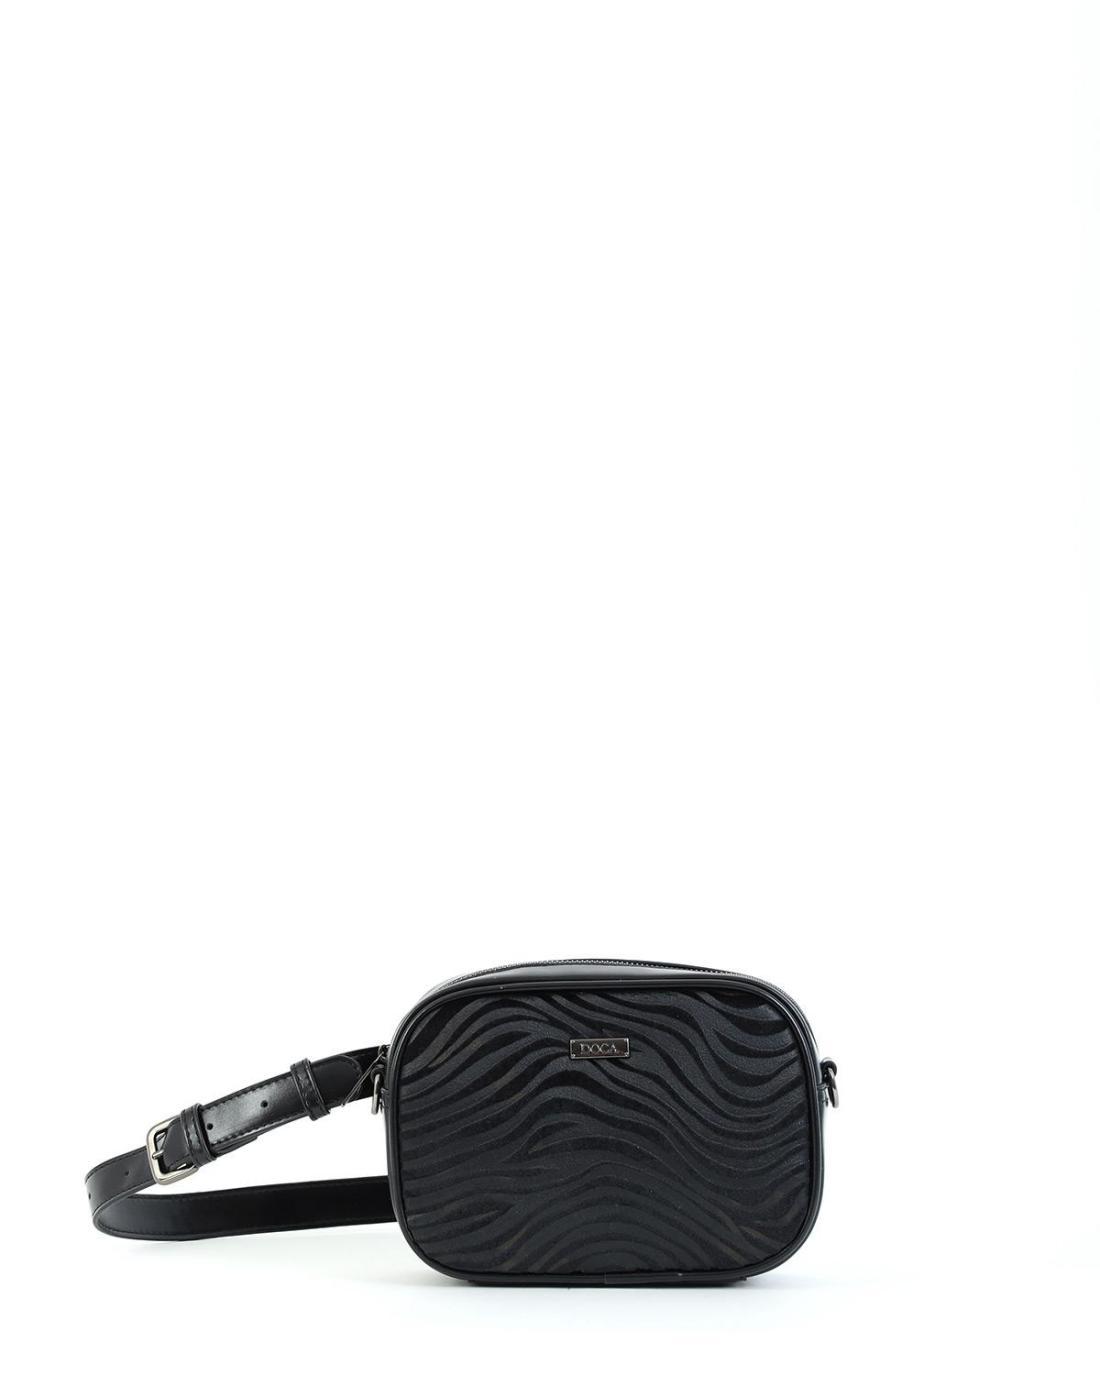 Black belt/cross body bag